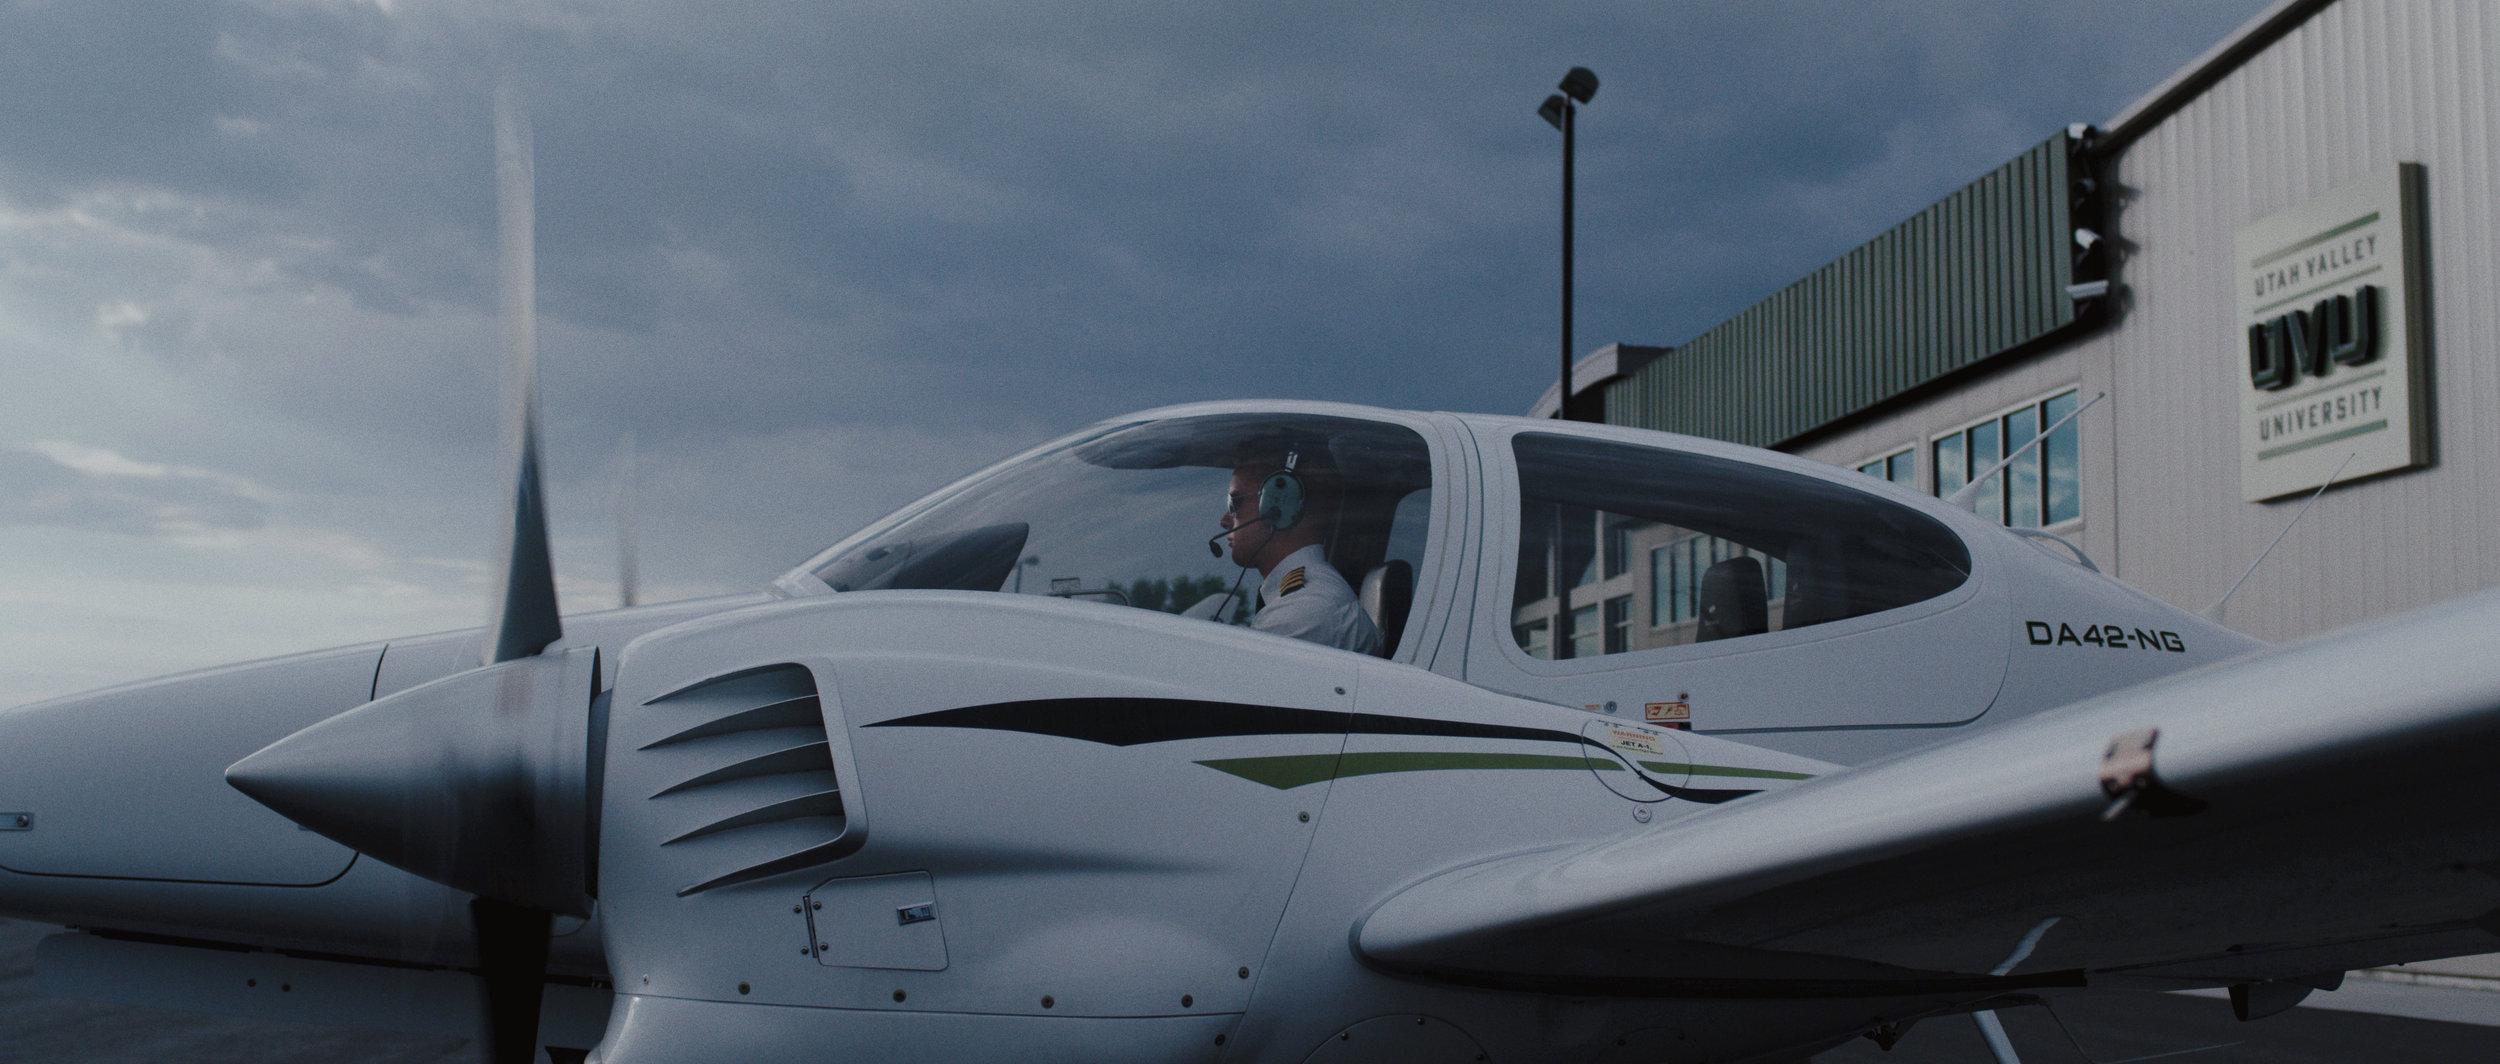 Plane Side Wide.jpg